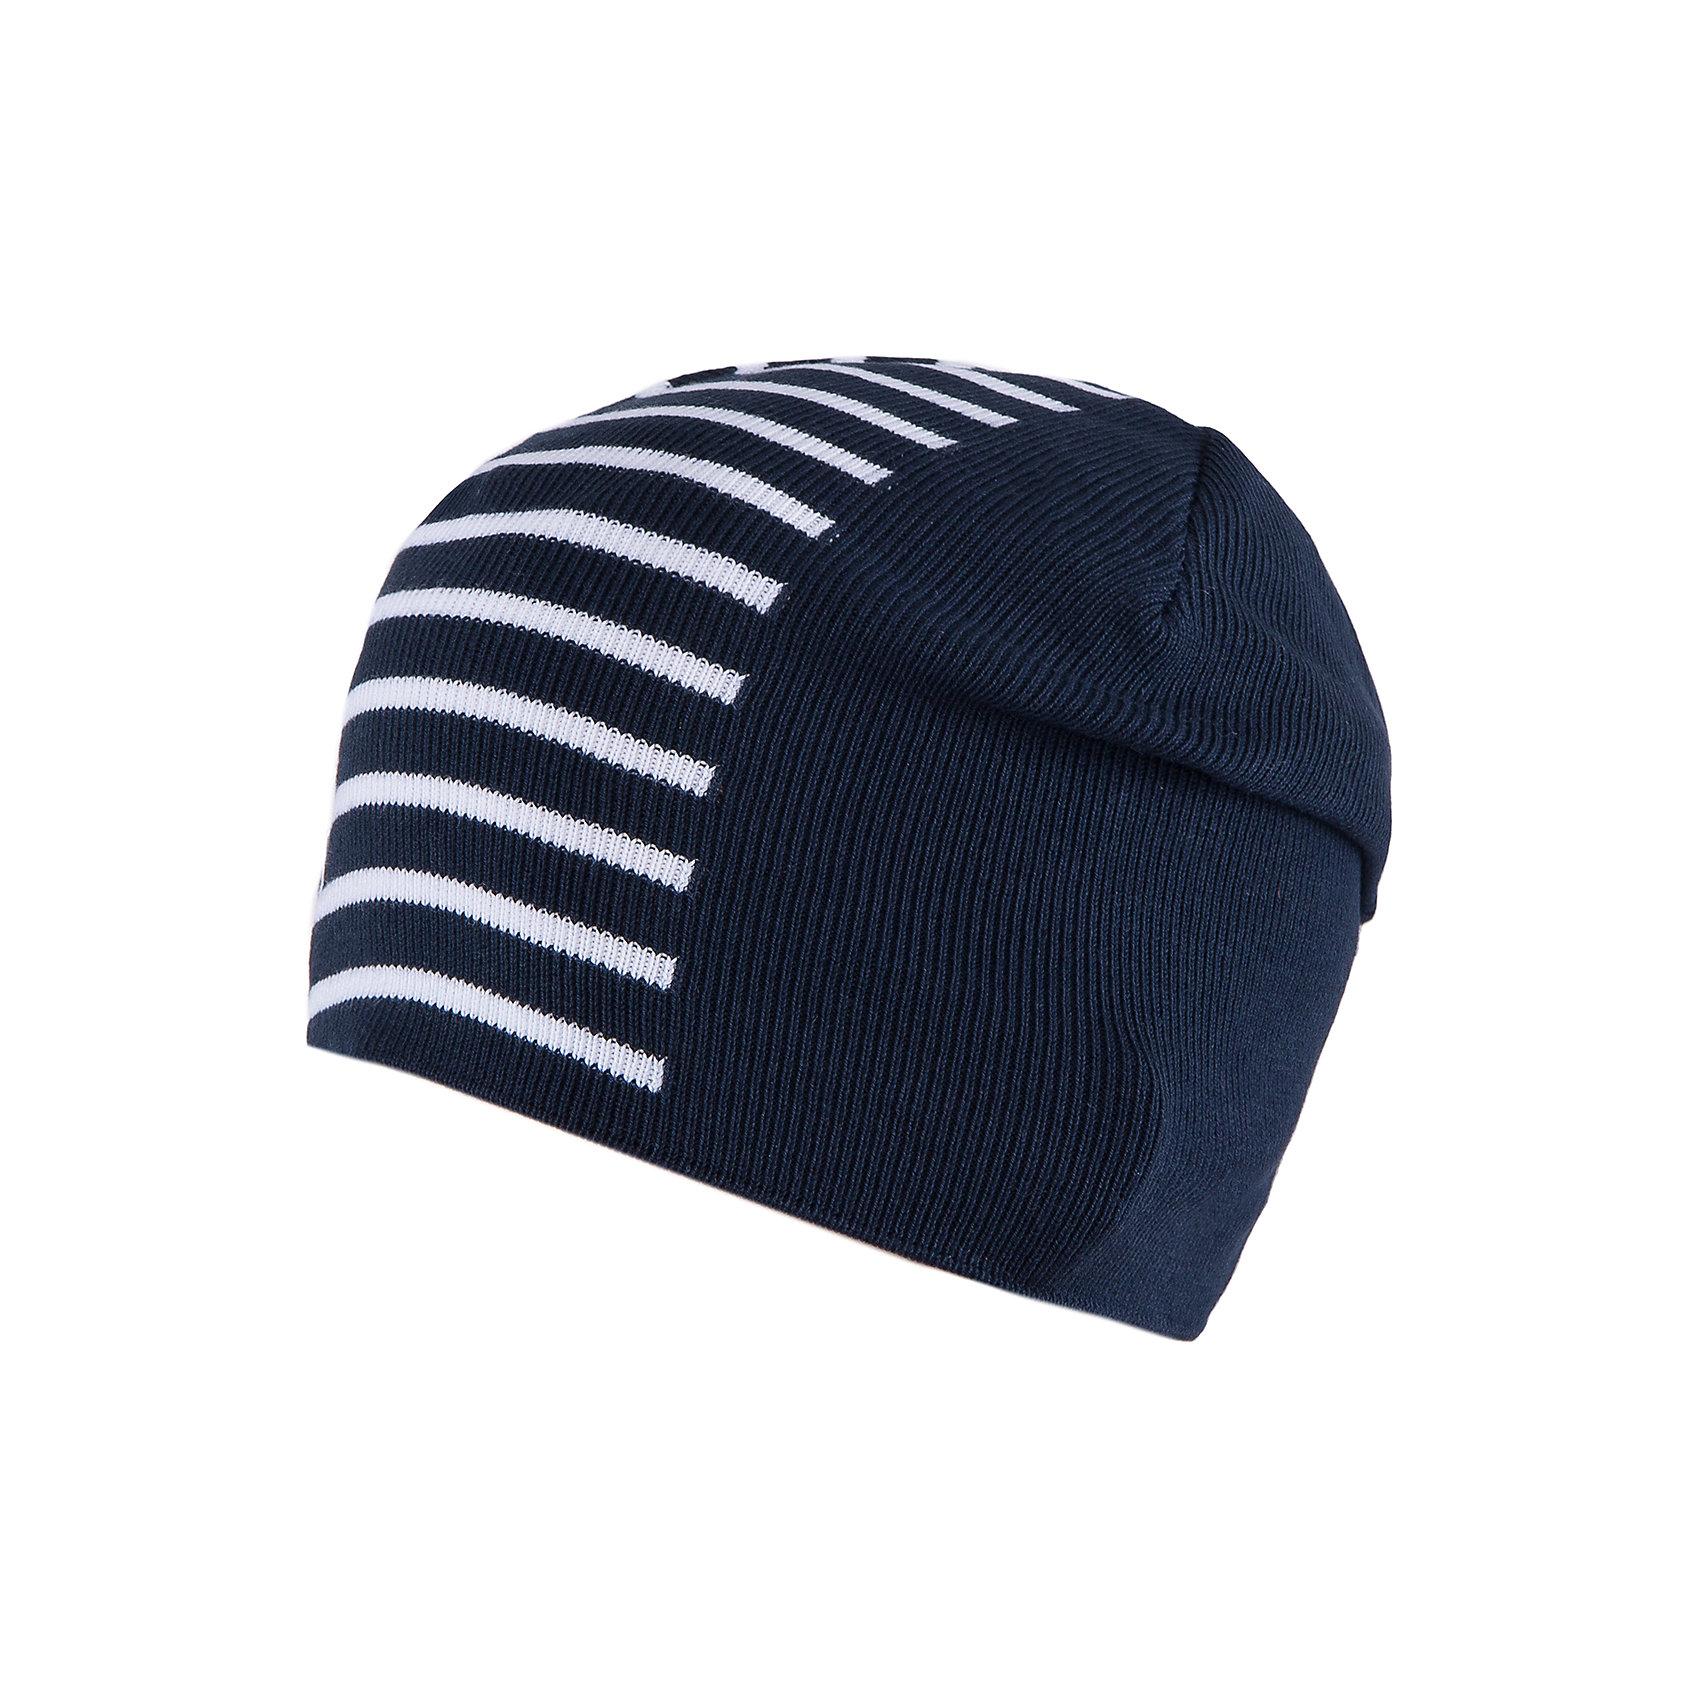 Шапка для мальчика АртельШапка для мальчика от торговой марки Артель <br><br>Стильная полосатая шапка отлично смотрится с разным нарядами. Изделие выполнено из качественных материалов, вязка плотная. Натуральный хлопок обеспечит износостойкость и удобство. Отличный вариант для переменной погоды межсезонья! <br>Одежда от бренда Артель – это высокое качество по приемлемой цене и всегда продуманный дизайн. <br><br>Особенности модели: <br>- цвет - синий; <br>- в полоску; <br>- натуральный хлопок. <br><br>Дополнительная информация: <br><br>Состав: 100% хлопок.<br><br><br>Температурный режим: <br>От -5 °C до +10 °C <br><br>Шапку для мальчика Артель (Artel) можно купить в нашем магазине.<br><br>Ширина мм: 89<br>Глубина мм: 117<br>Высота мм: 44<br>Вес г: 155<br>Цвет: синий<br>Возраст от месяцев: 96<br>Возраст до месяцев: 108<br>Пол: Мужской<br>Возраст: Детский<br>Размер: 56,52,54<br>SKU: 4500471